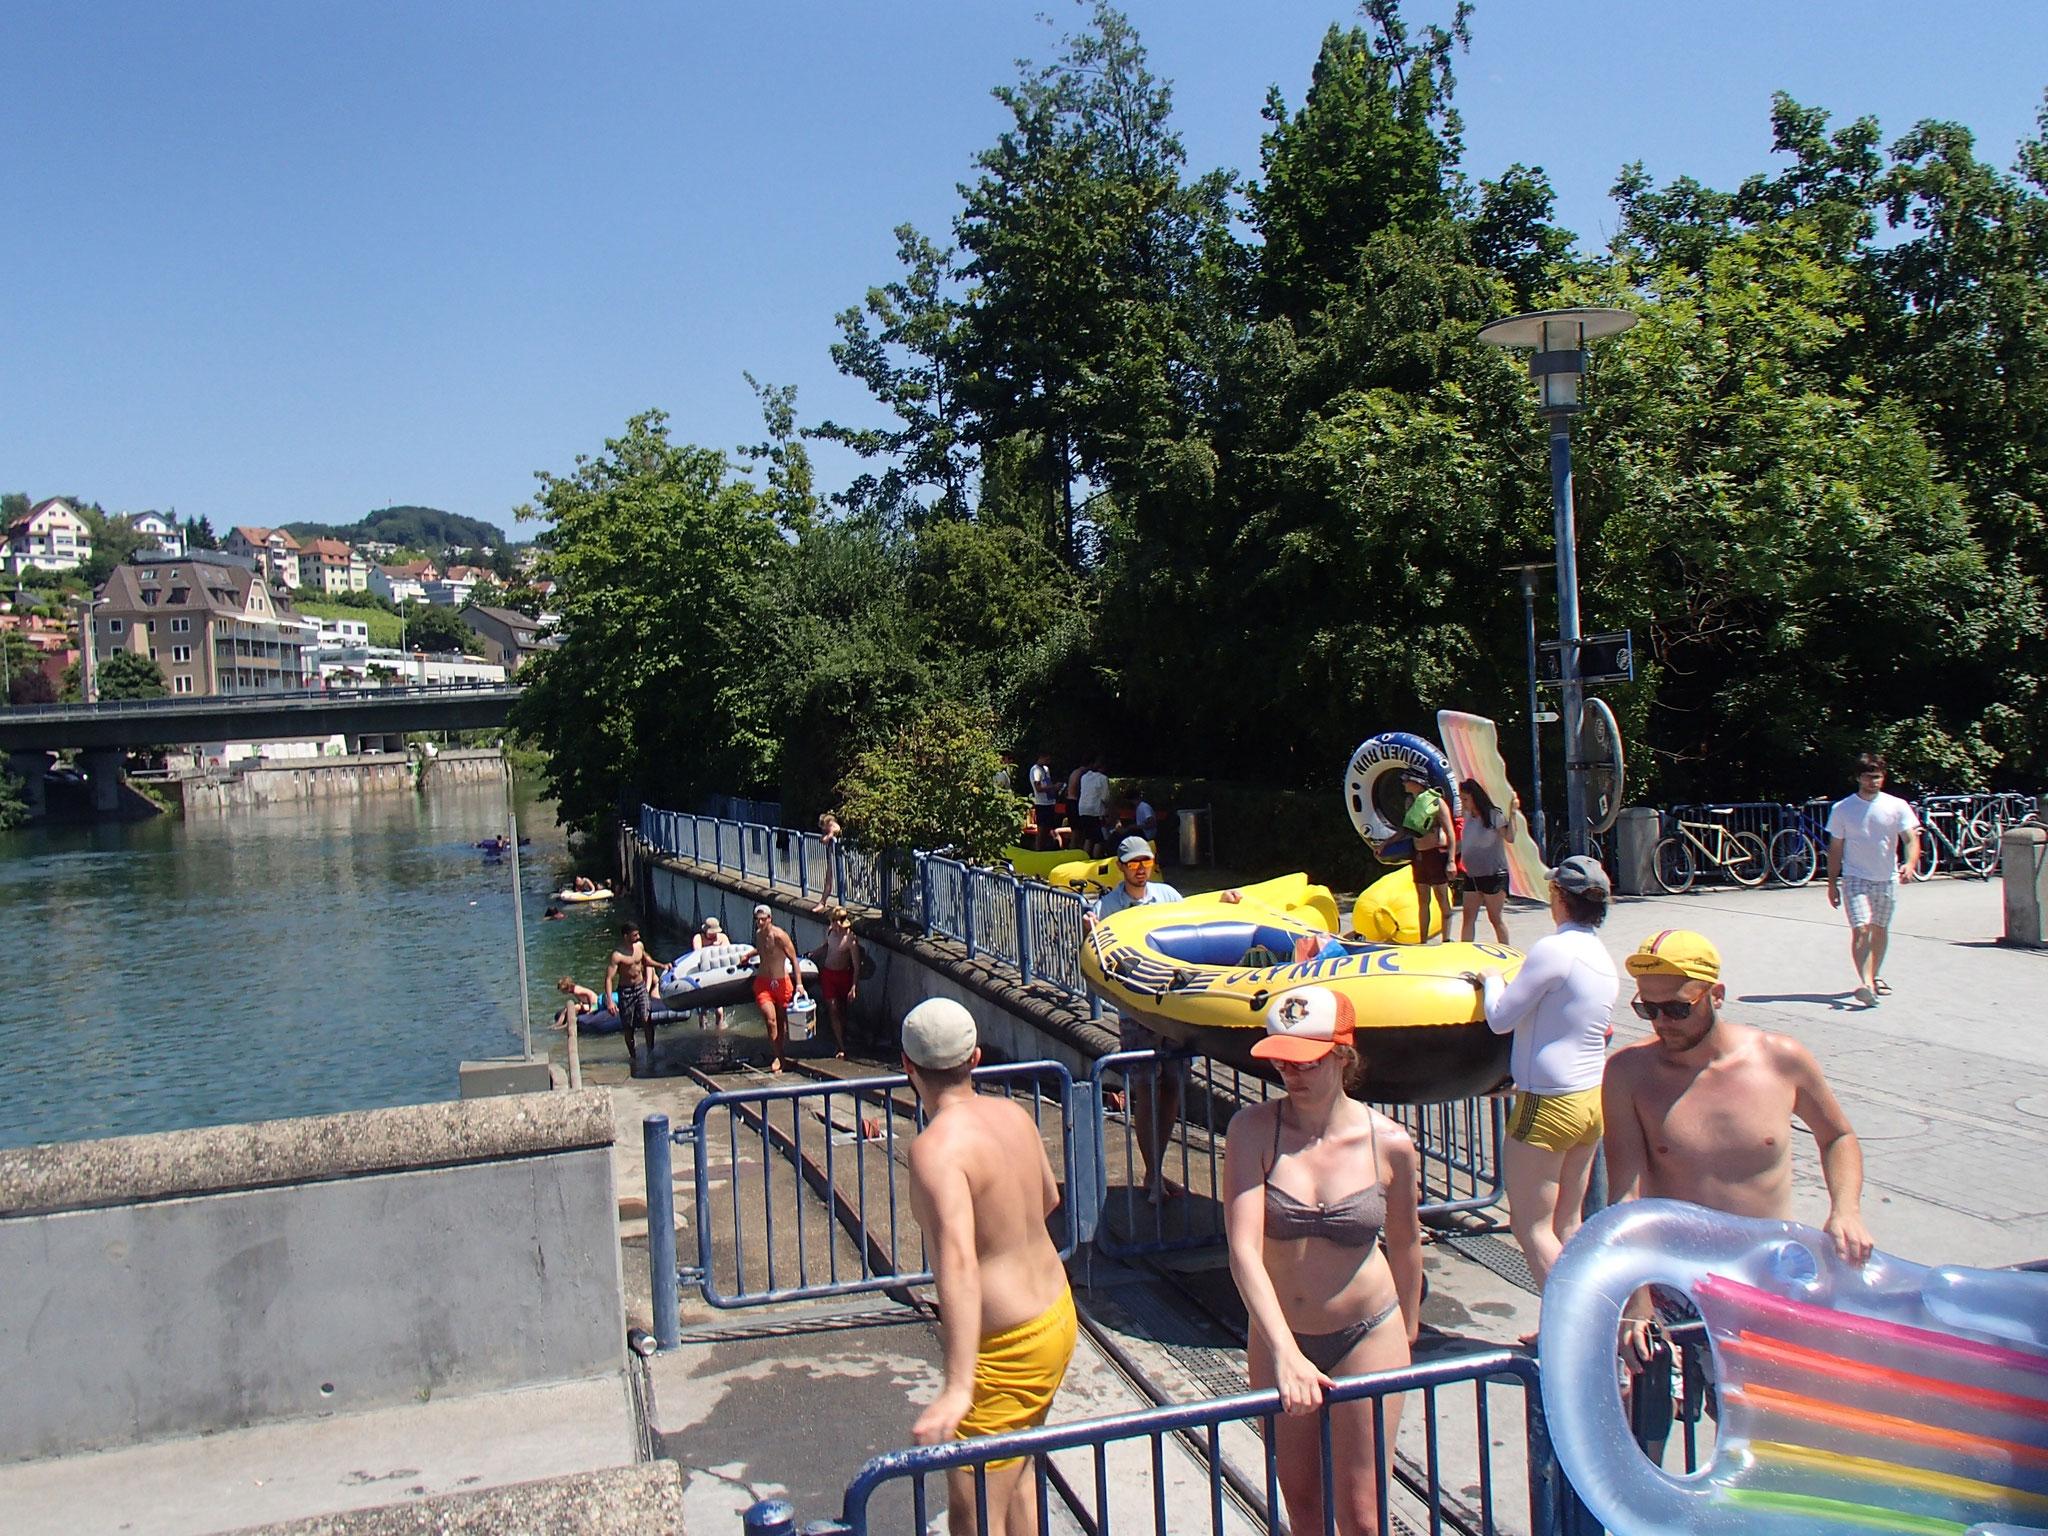 Viele Zürcher geniessen den Hochsommer auf dem Fluss